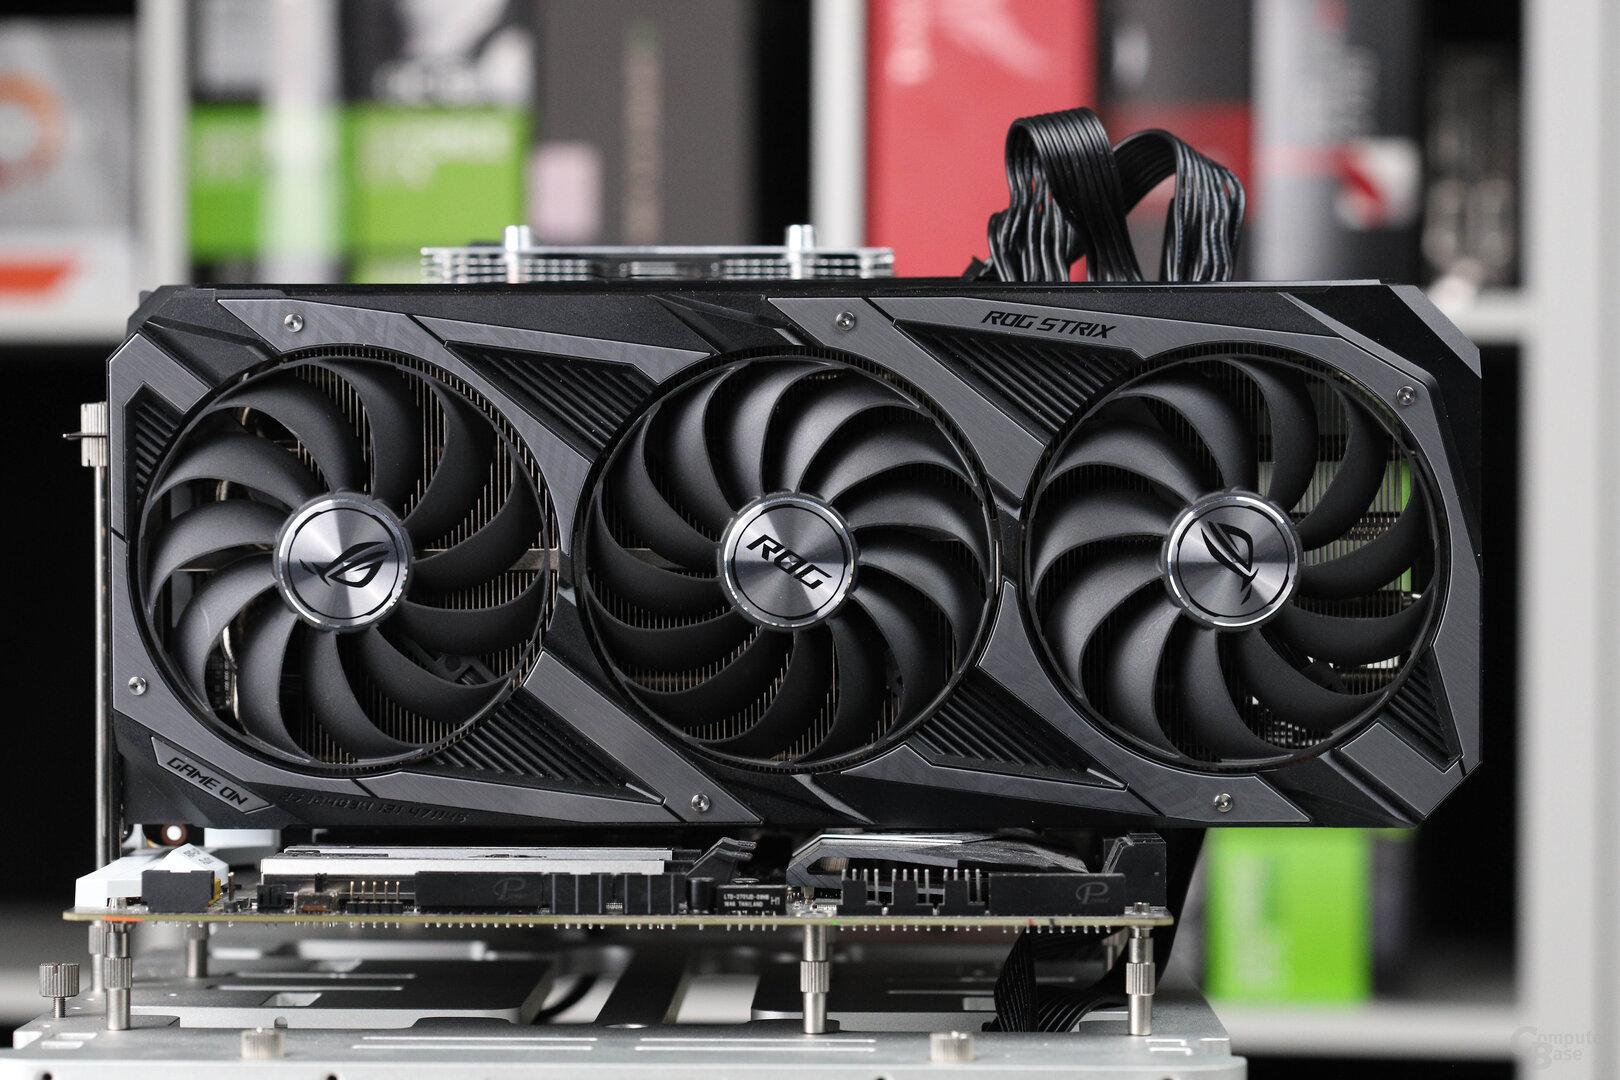 Asus ROG GeForce RTX 3090 Strix OC